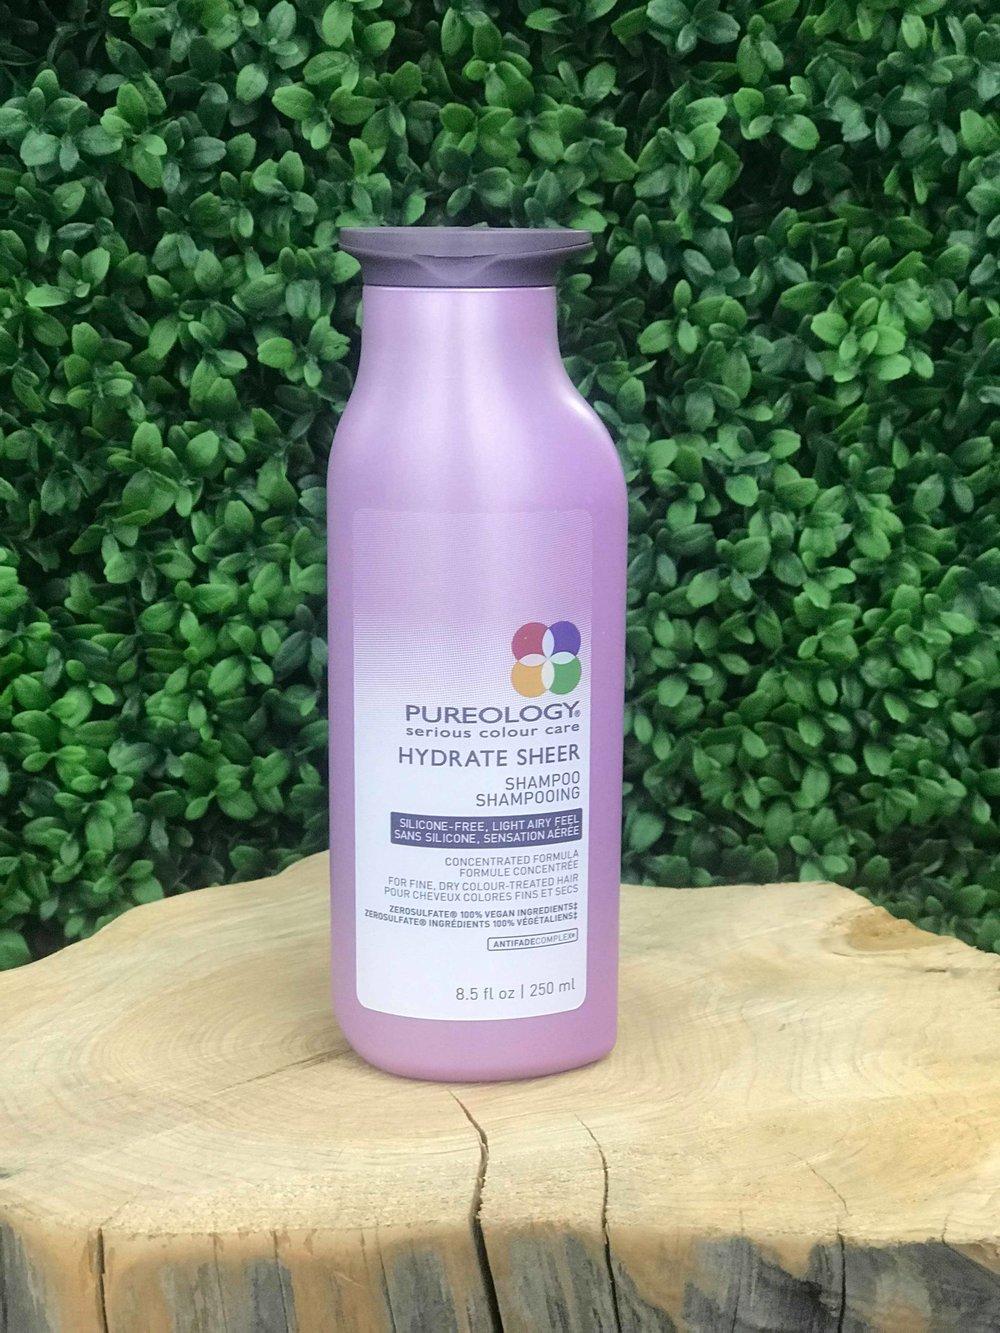 Hydrate Sheer Shampoo 250ml - $41.00